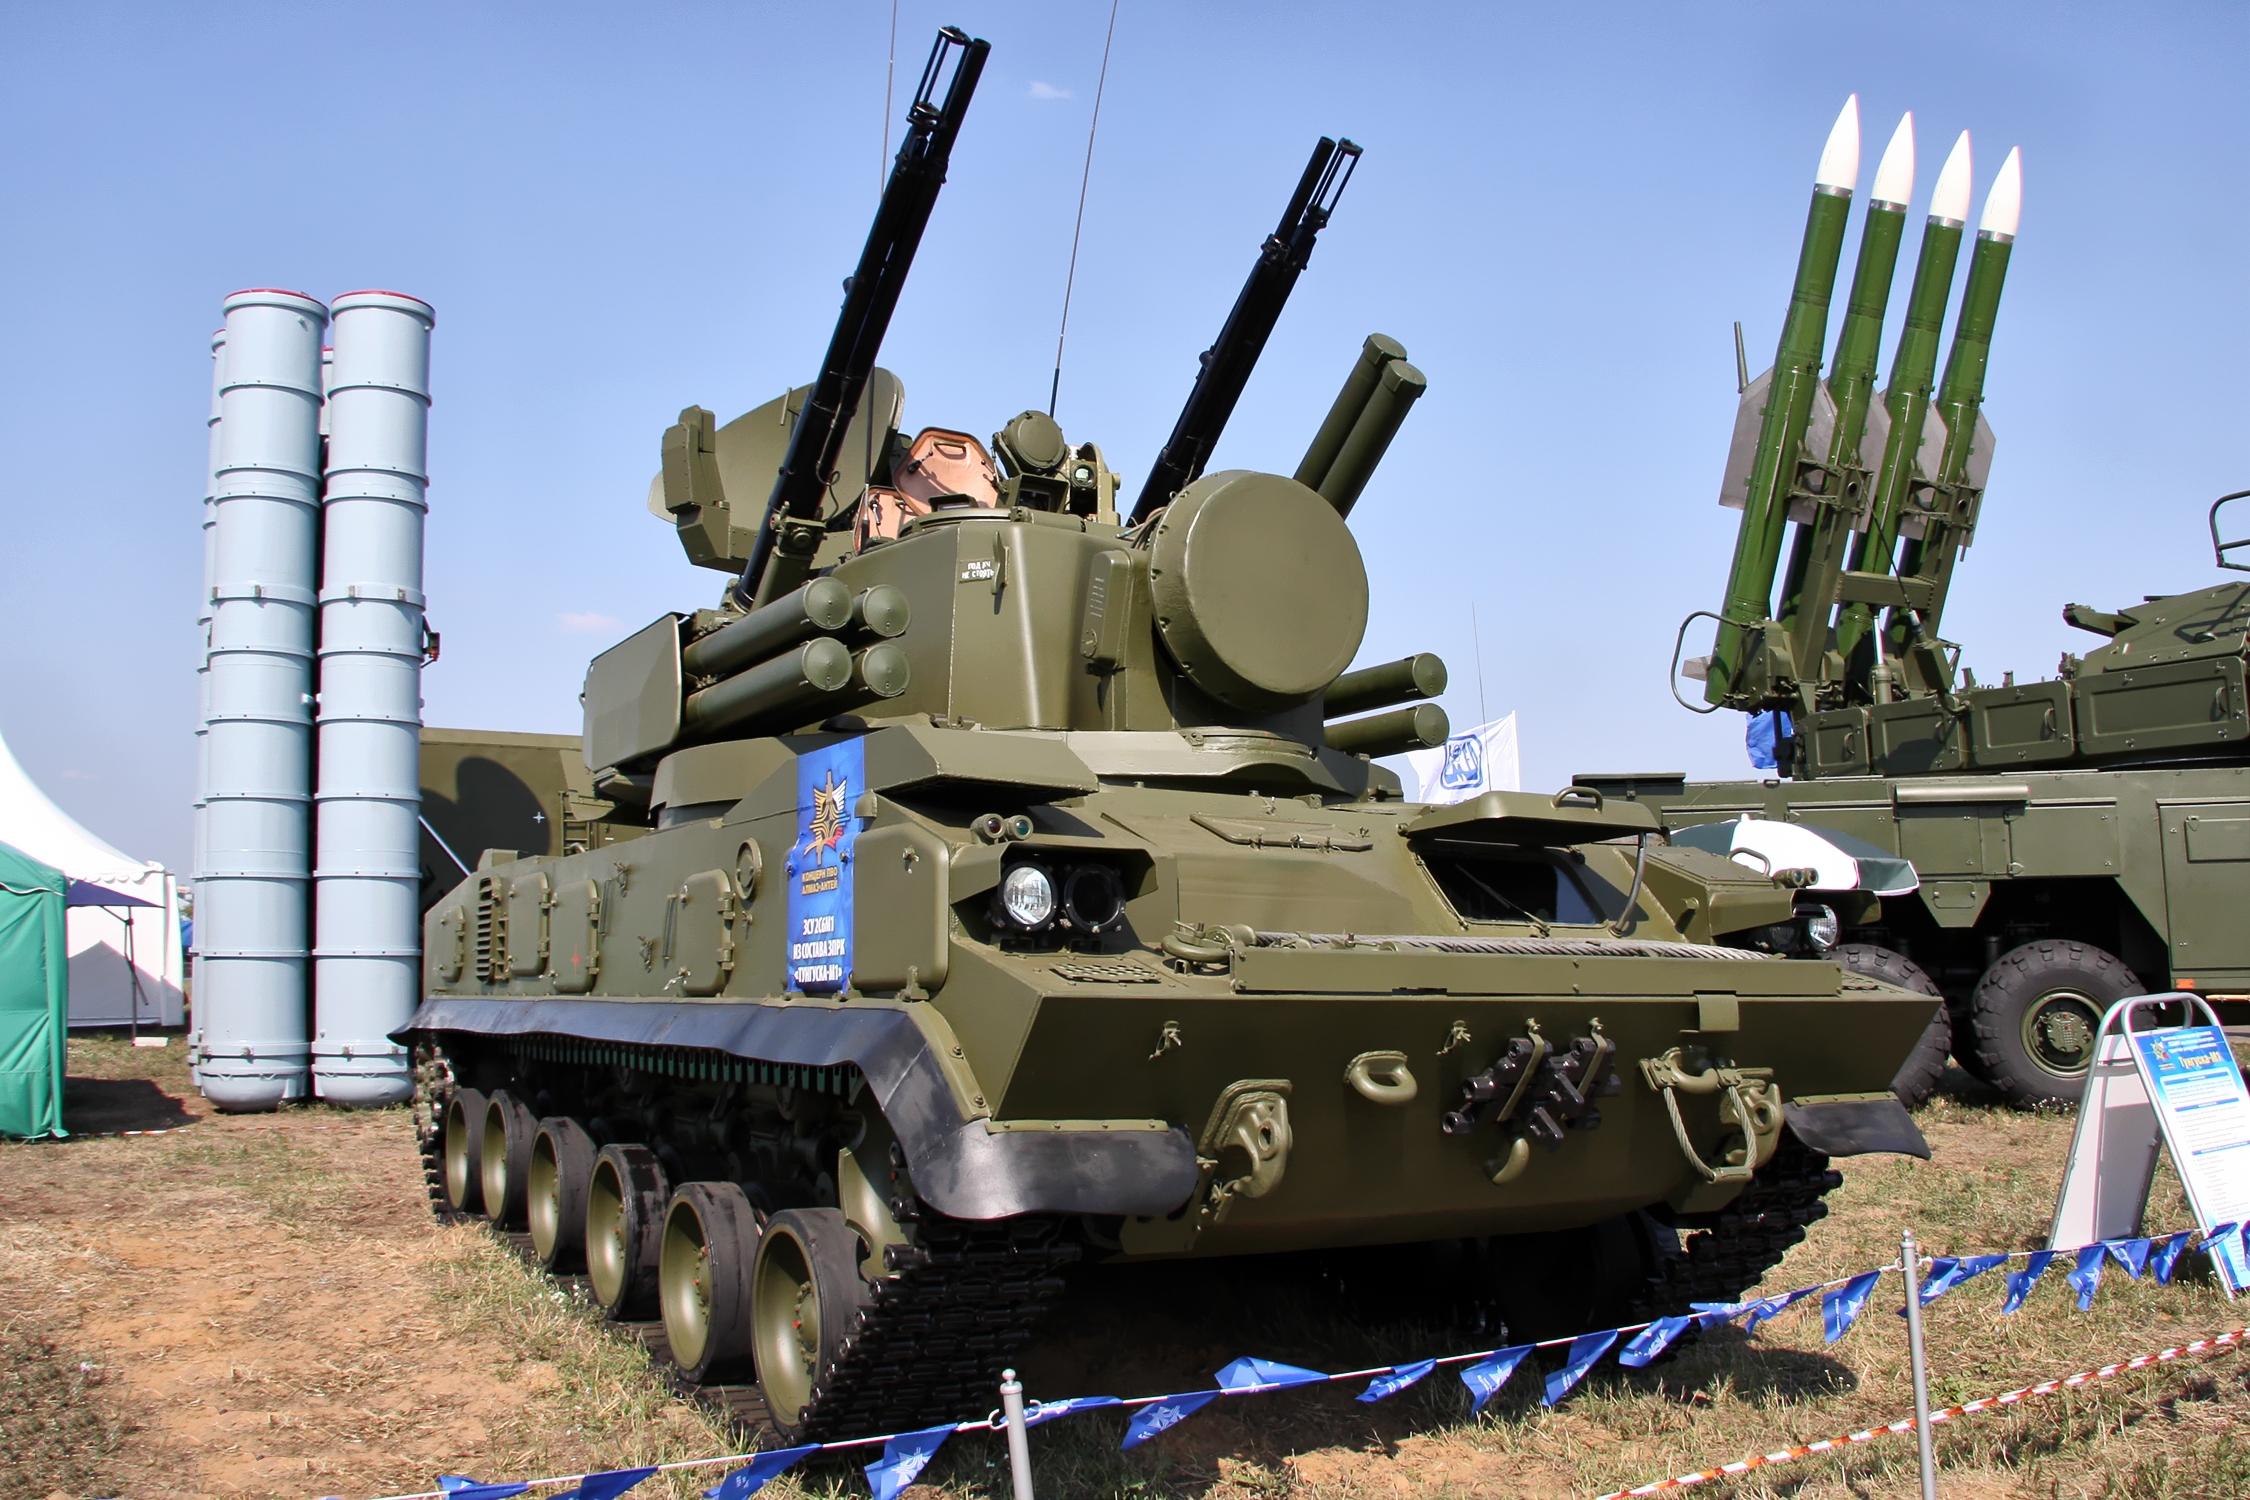 2S6M1_Tunguska-M1_SAM-system_at_MAKS-2011.jpg